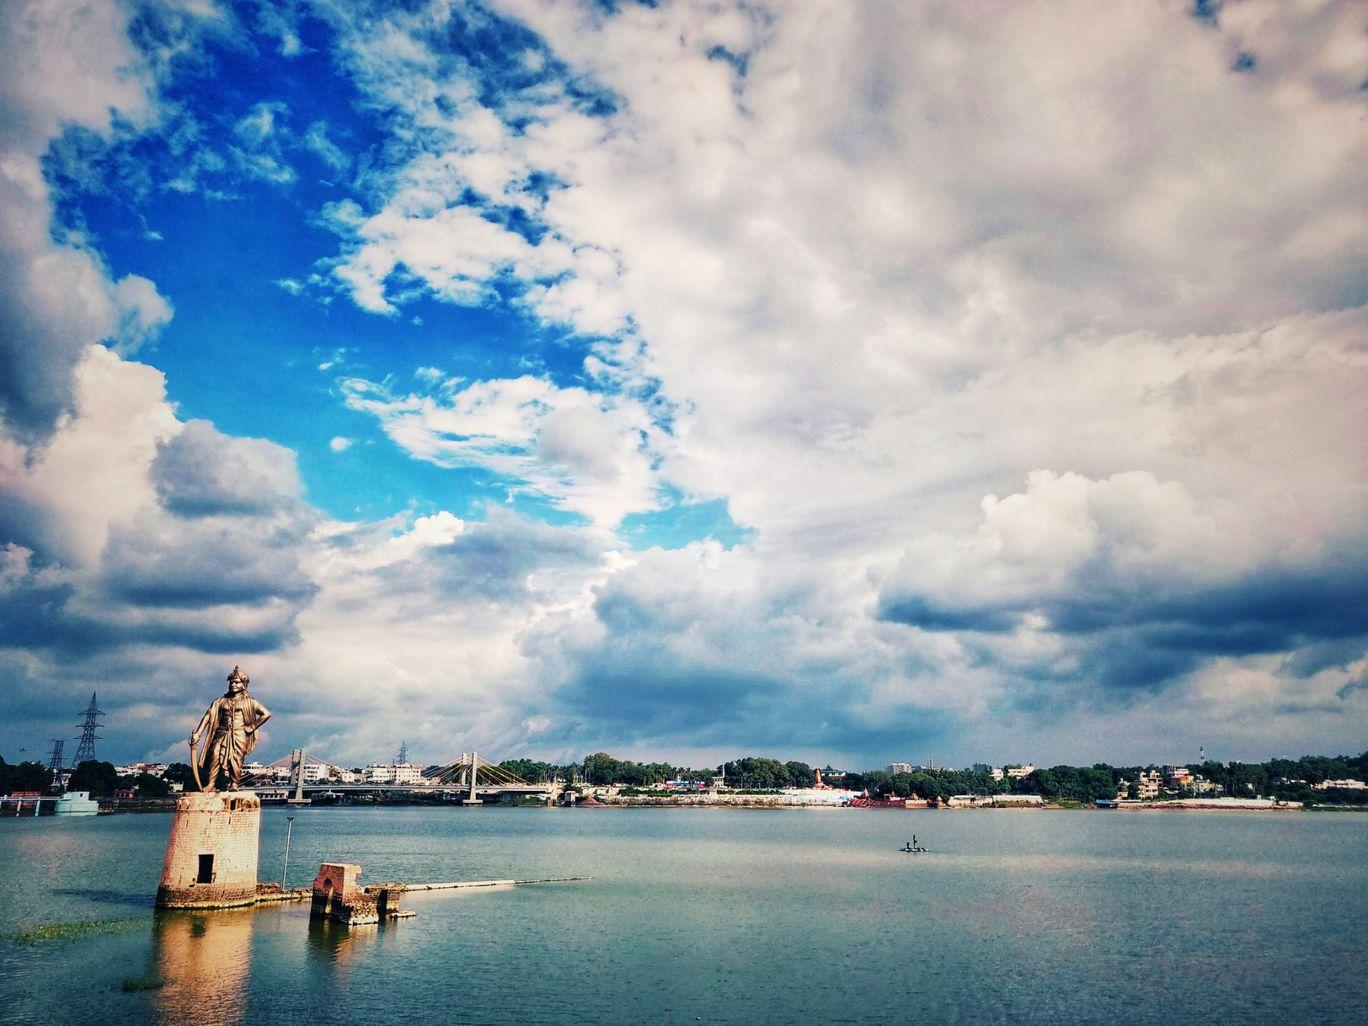 Photo of Upper Lake Bhopal By Prateek Khare